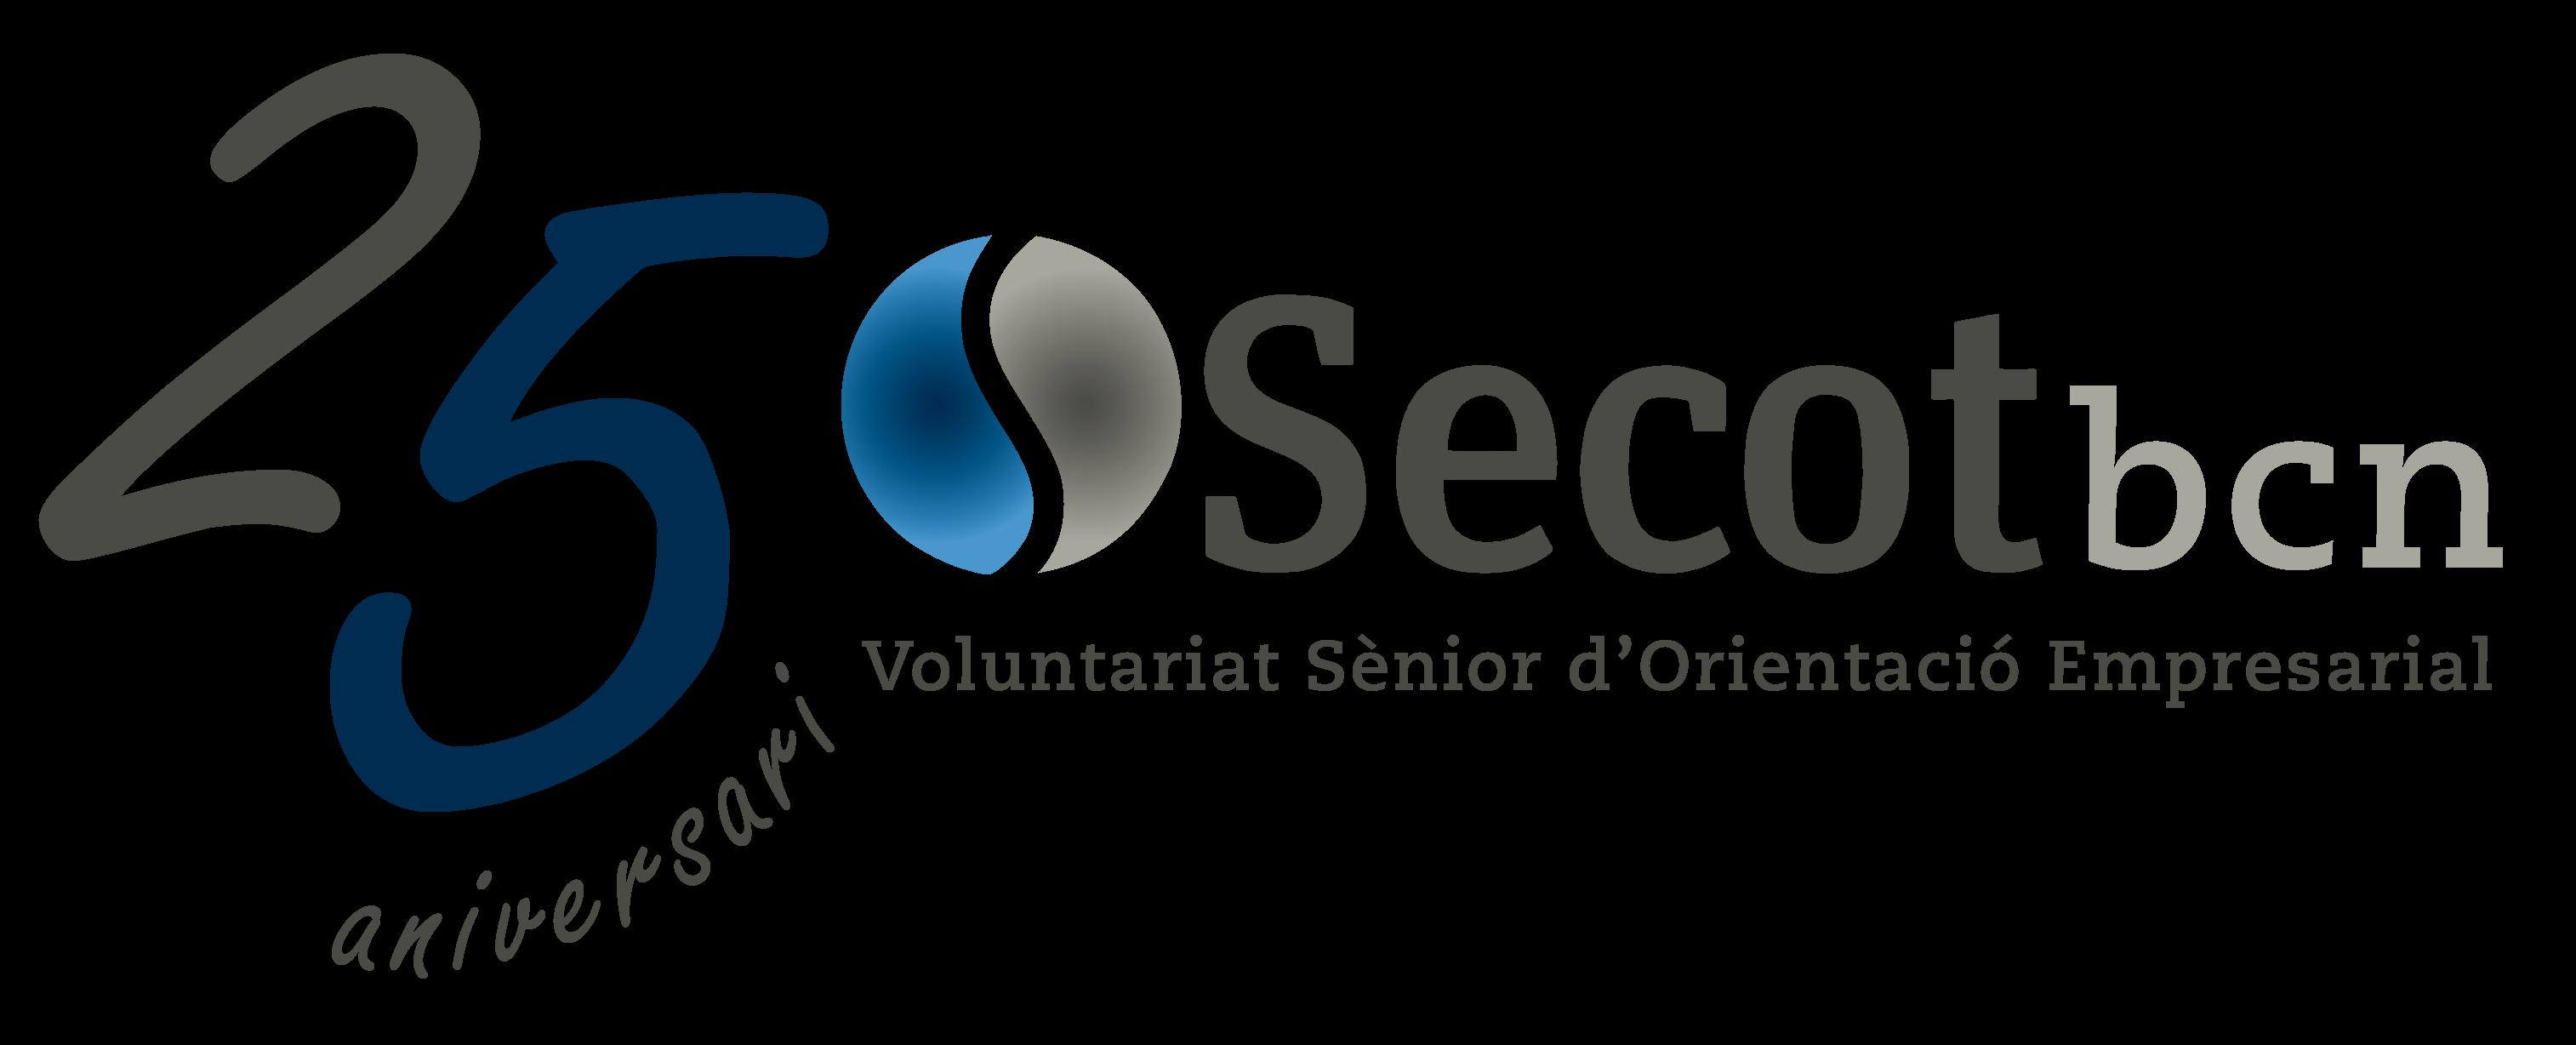 La oficina de Sabadell conmemora el 25º aniversario de Secotbcn